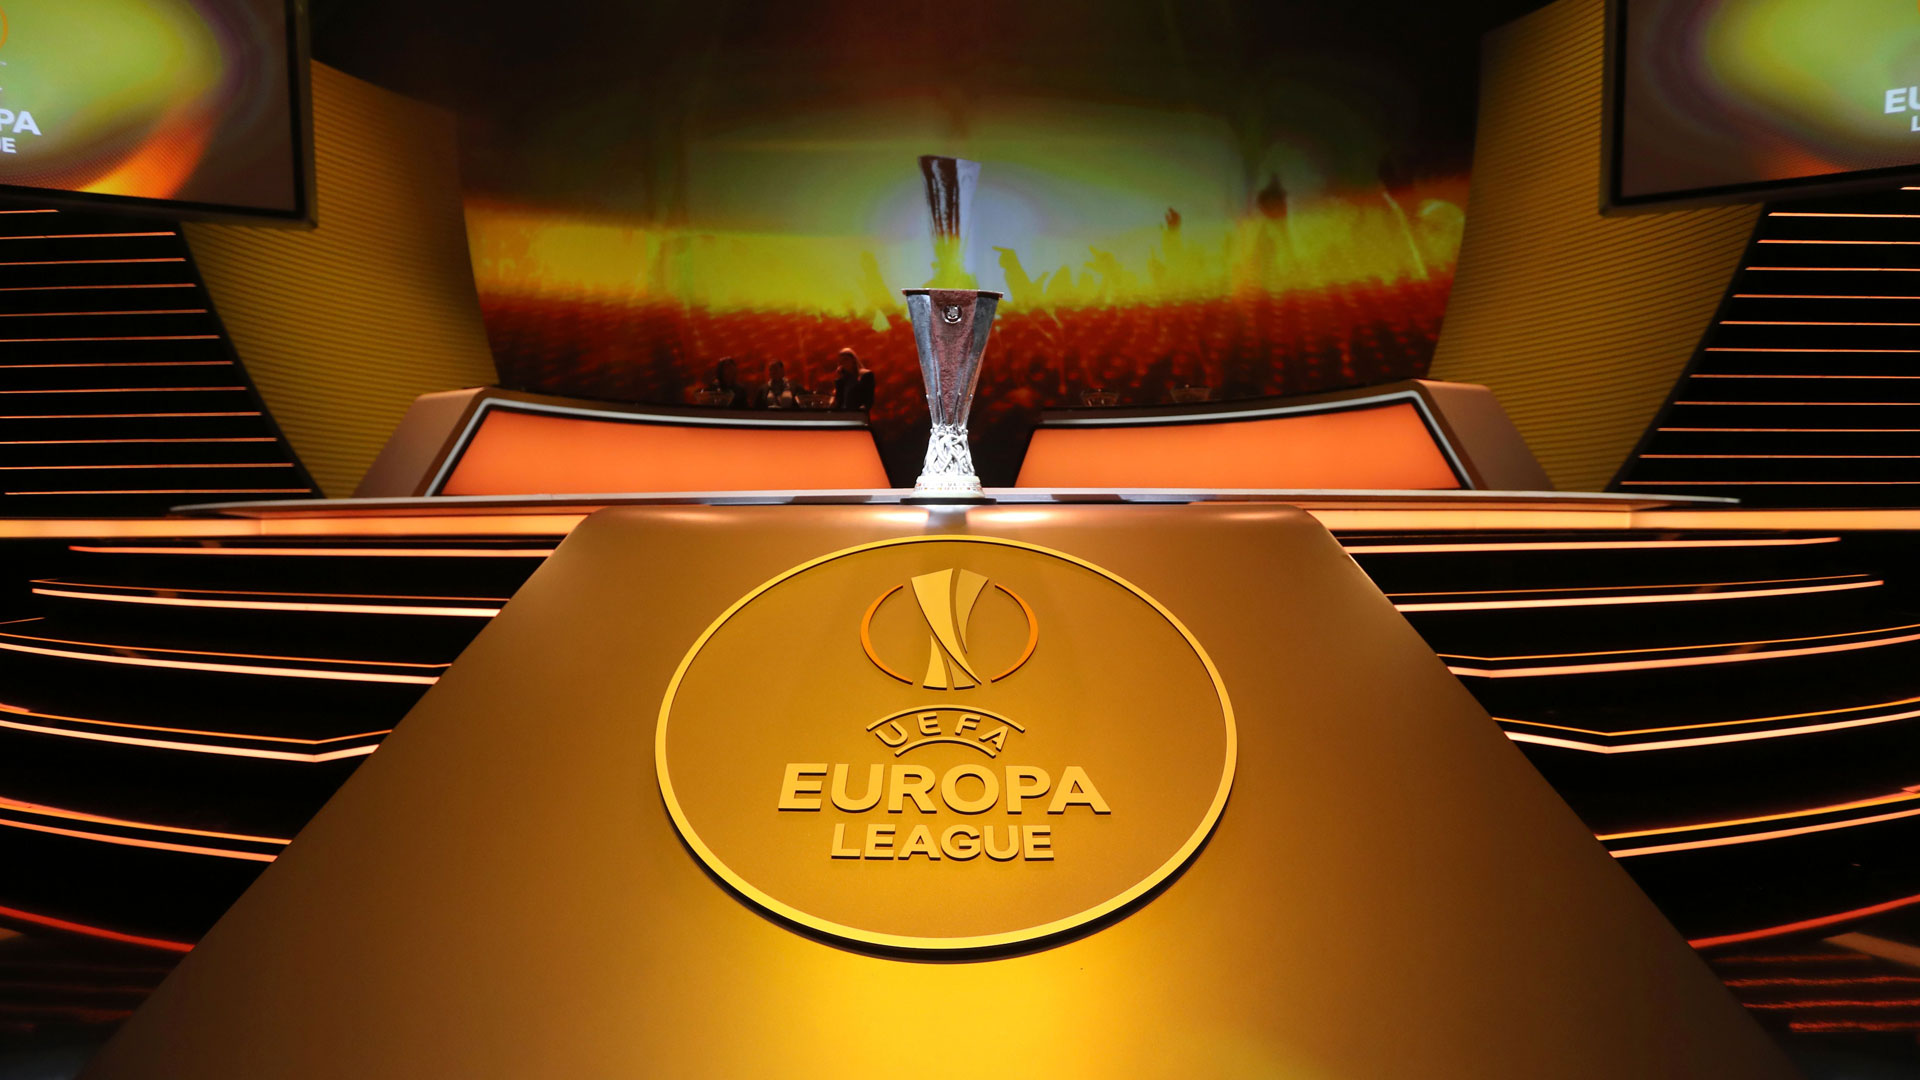 Europa League Draw Logo